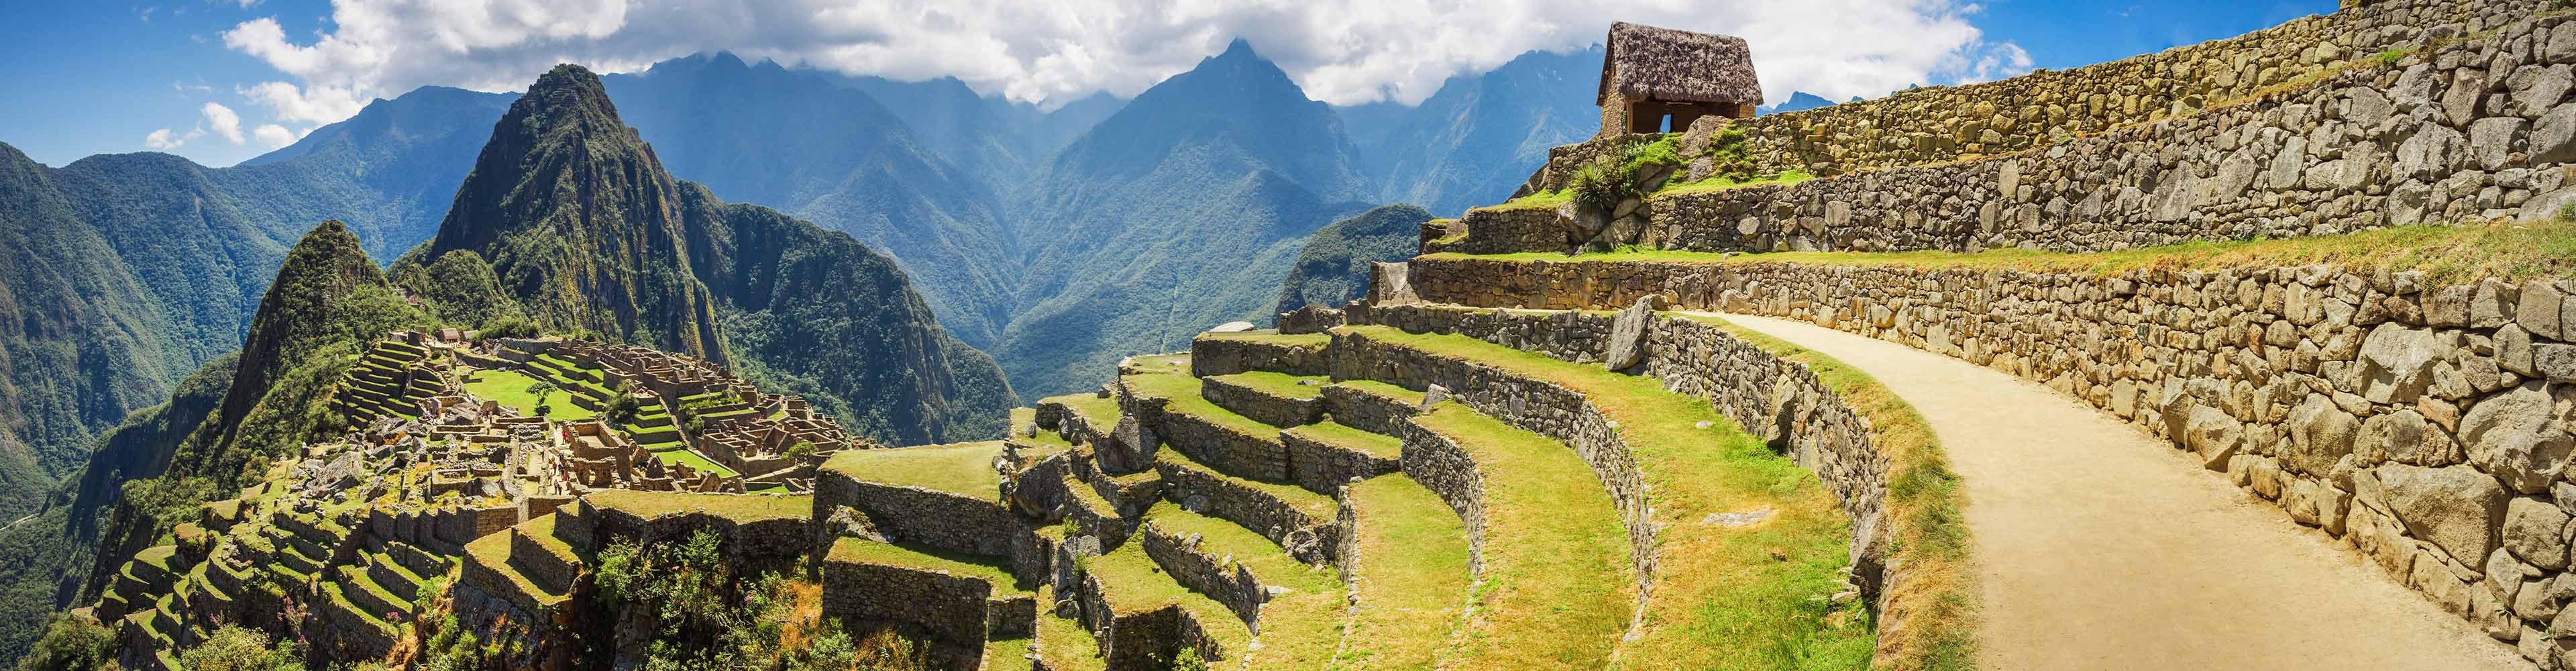 Ecuador and Peru Highlights